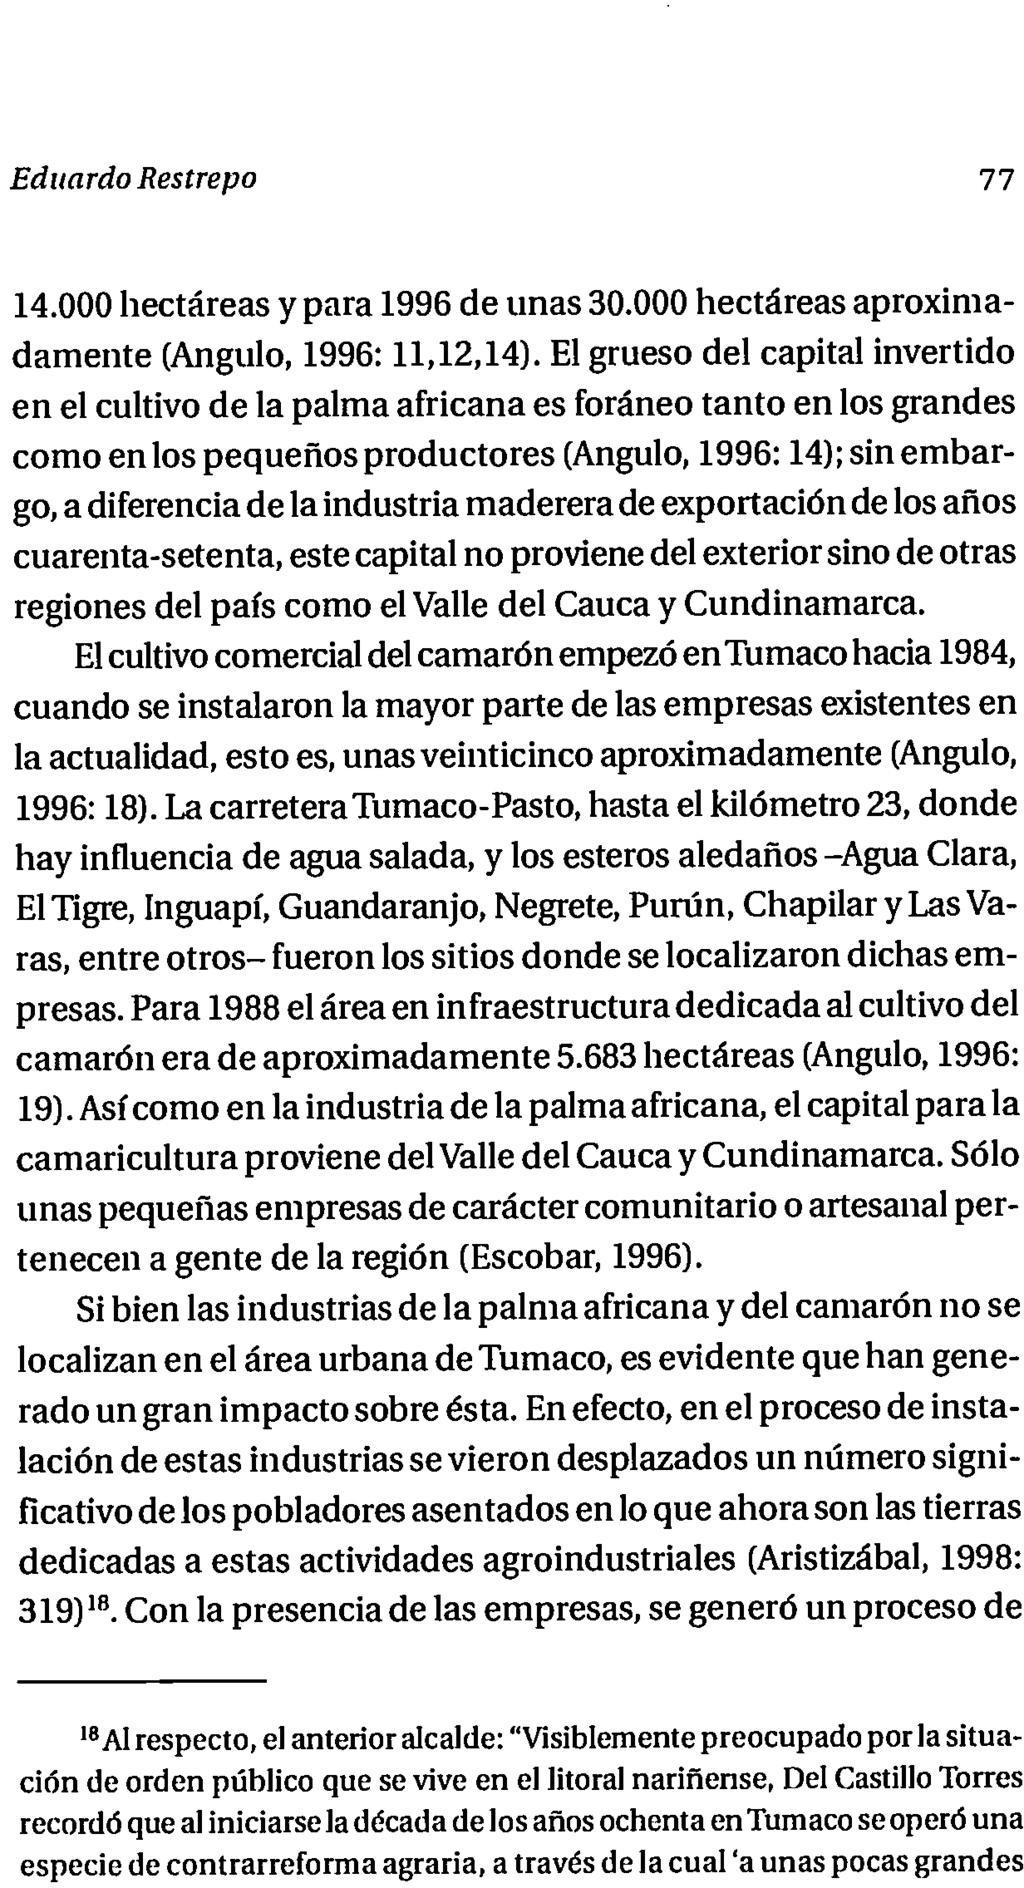 Eduardo Restrepo 77 14 000 hectareas y para 1996 de unas 30 000 hectareas aproximadamente Angulo